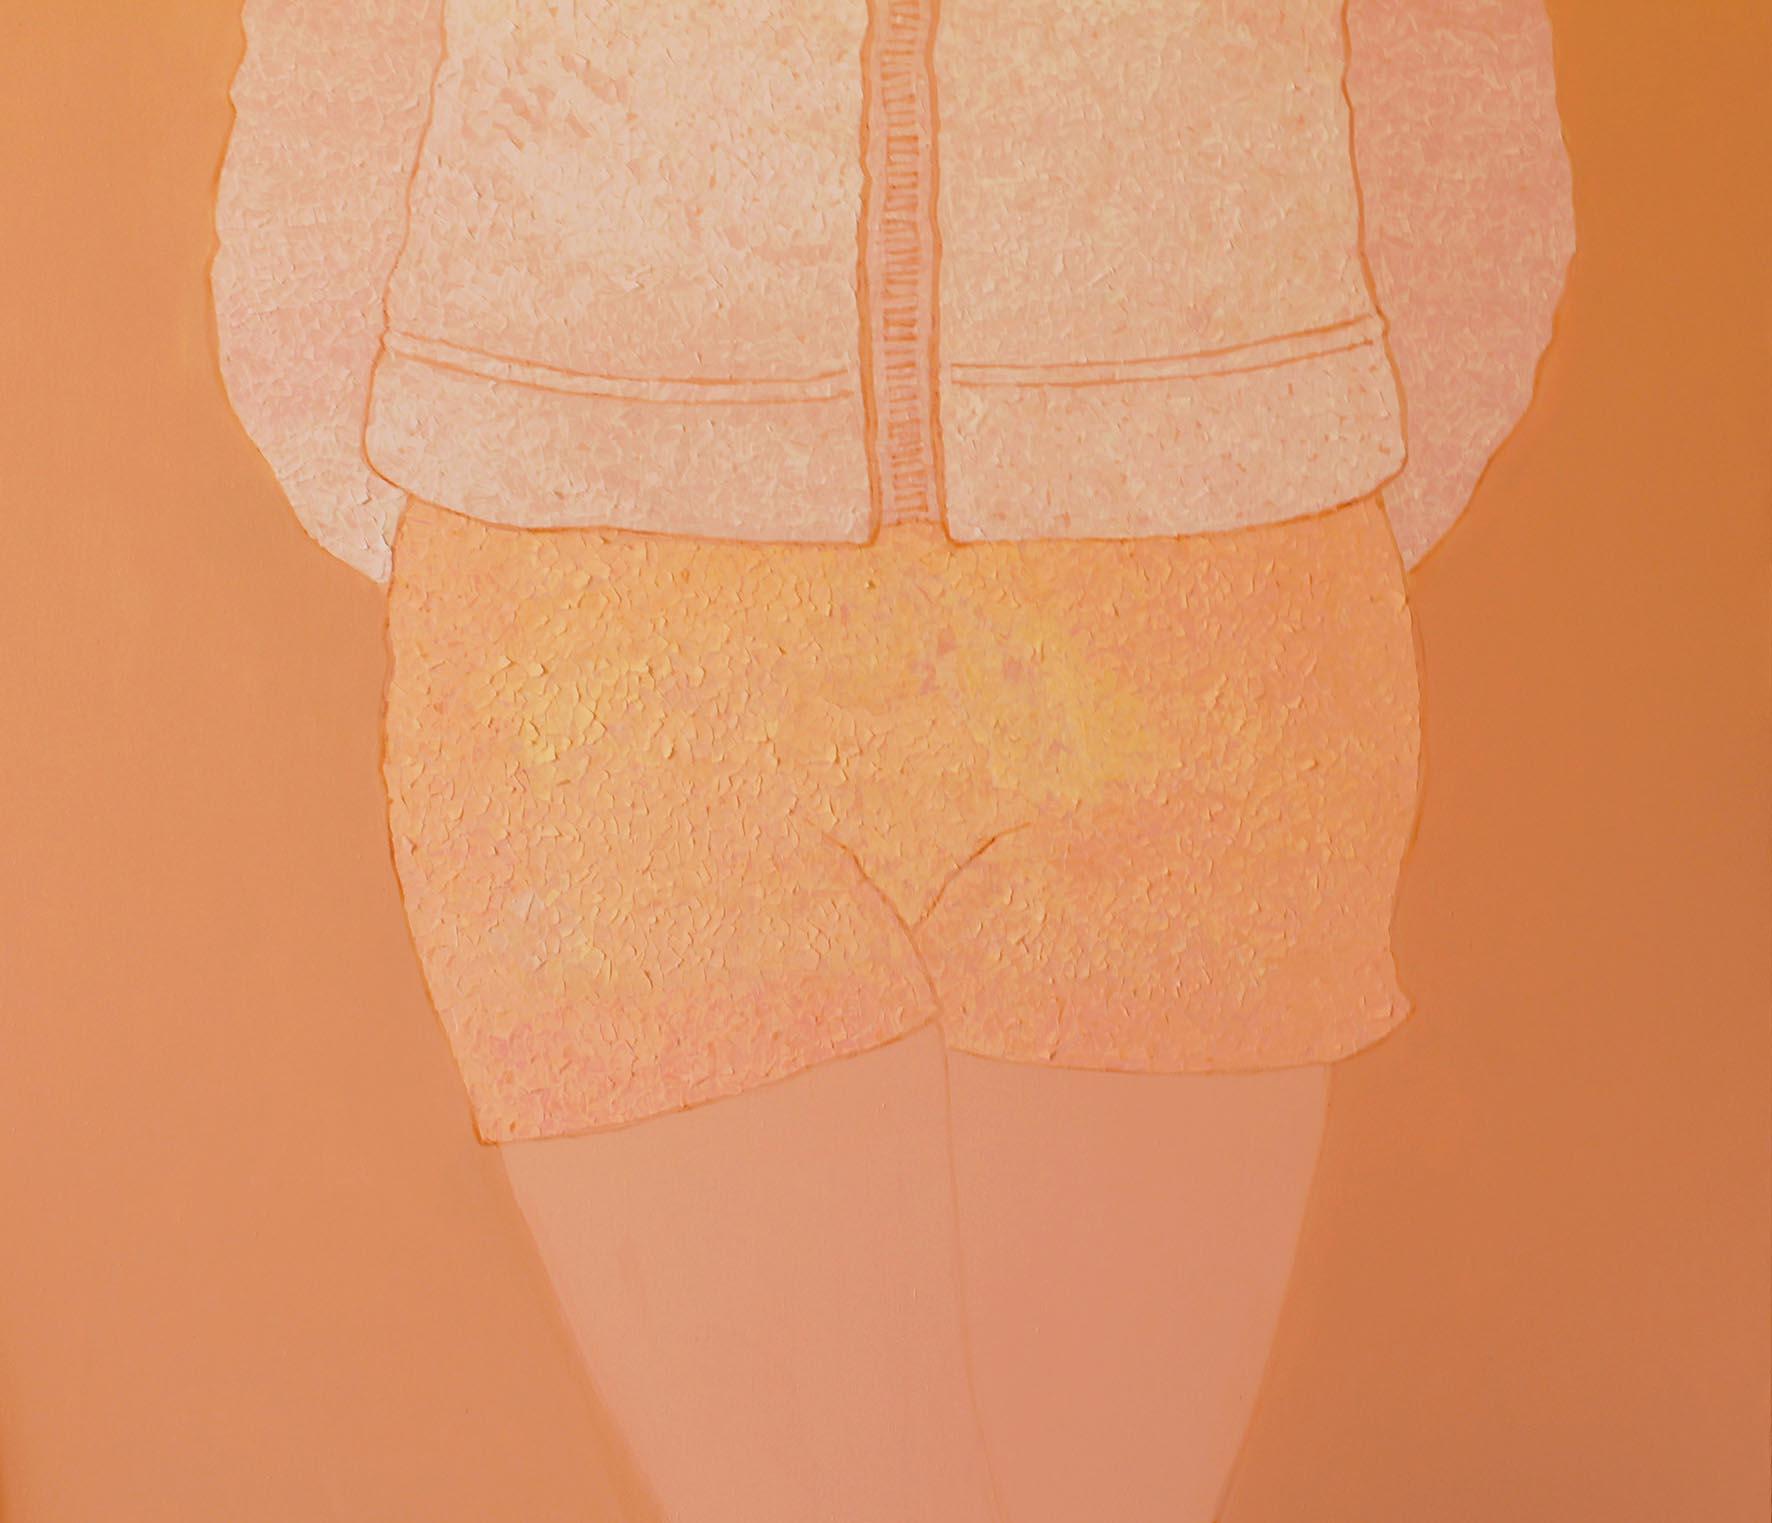 Senza titolo,  Acrilico e carta colorata su tela, 100x100cm, 2013